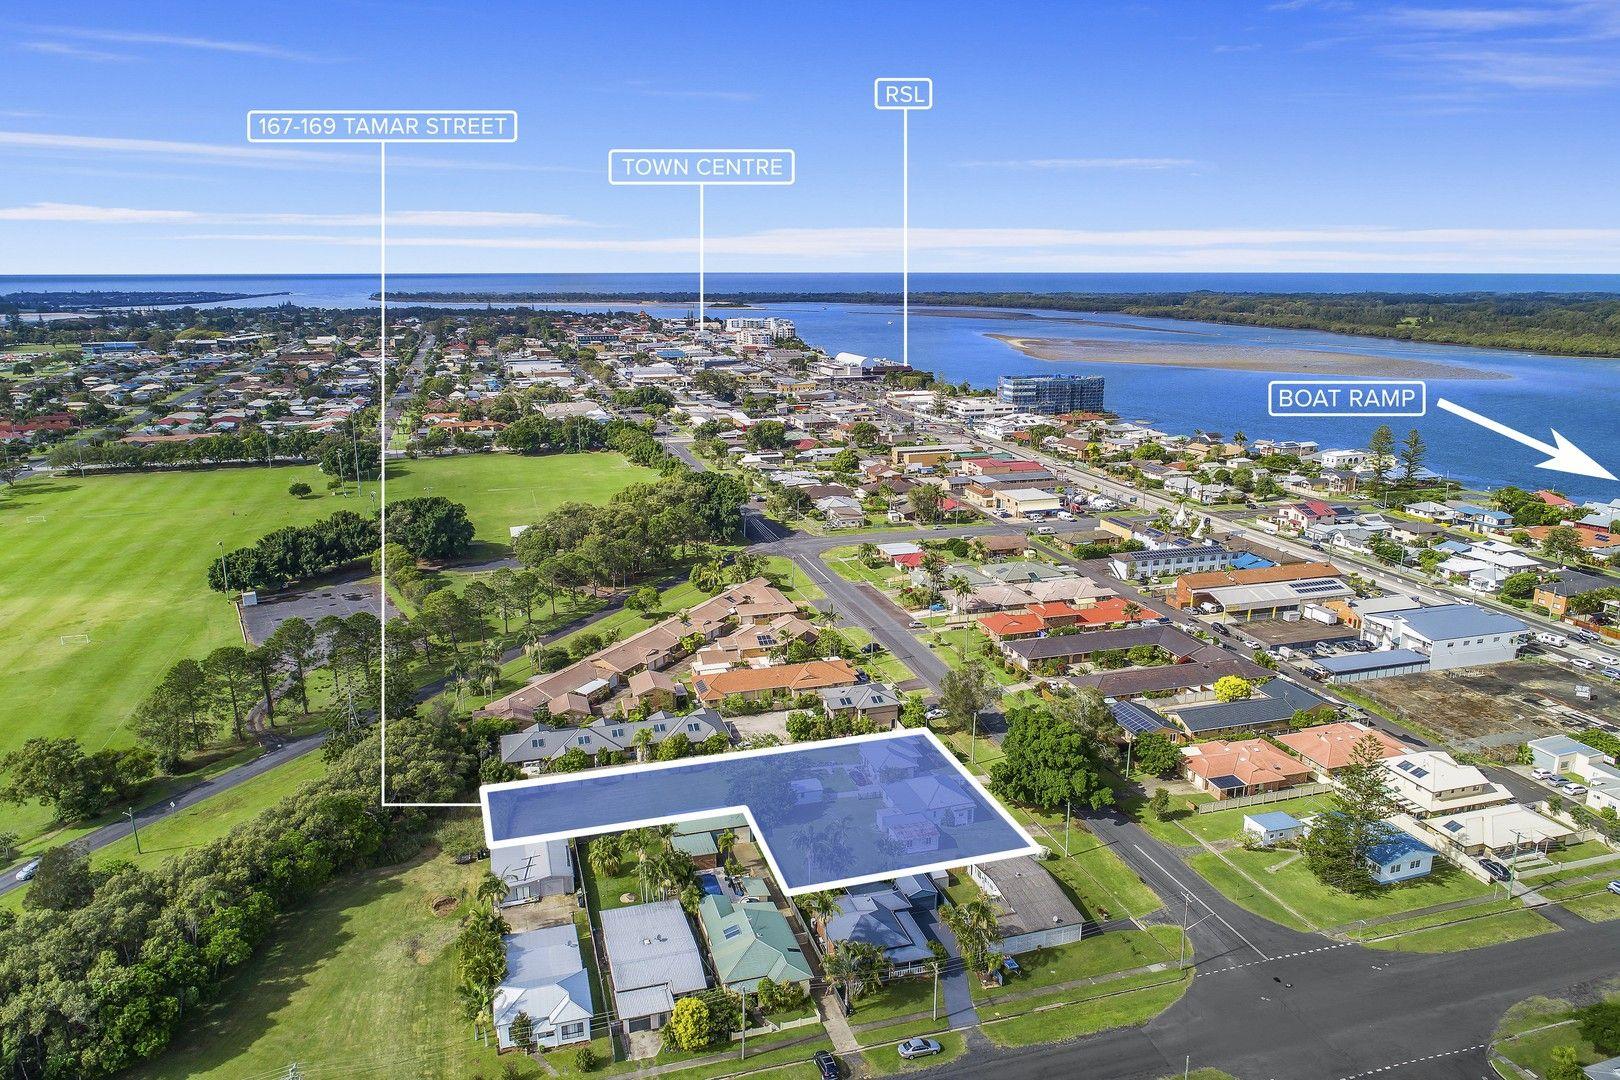 2,5,6 & 7/167-169 Tamar Street, Ballina NSW 2478, Image 0